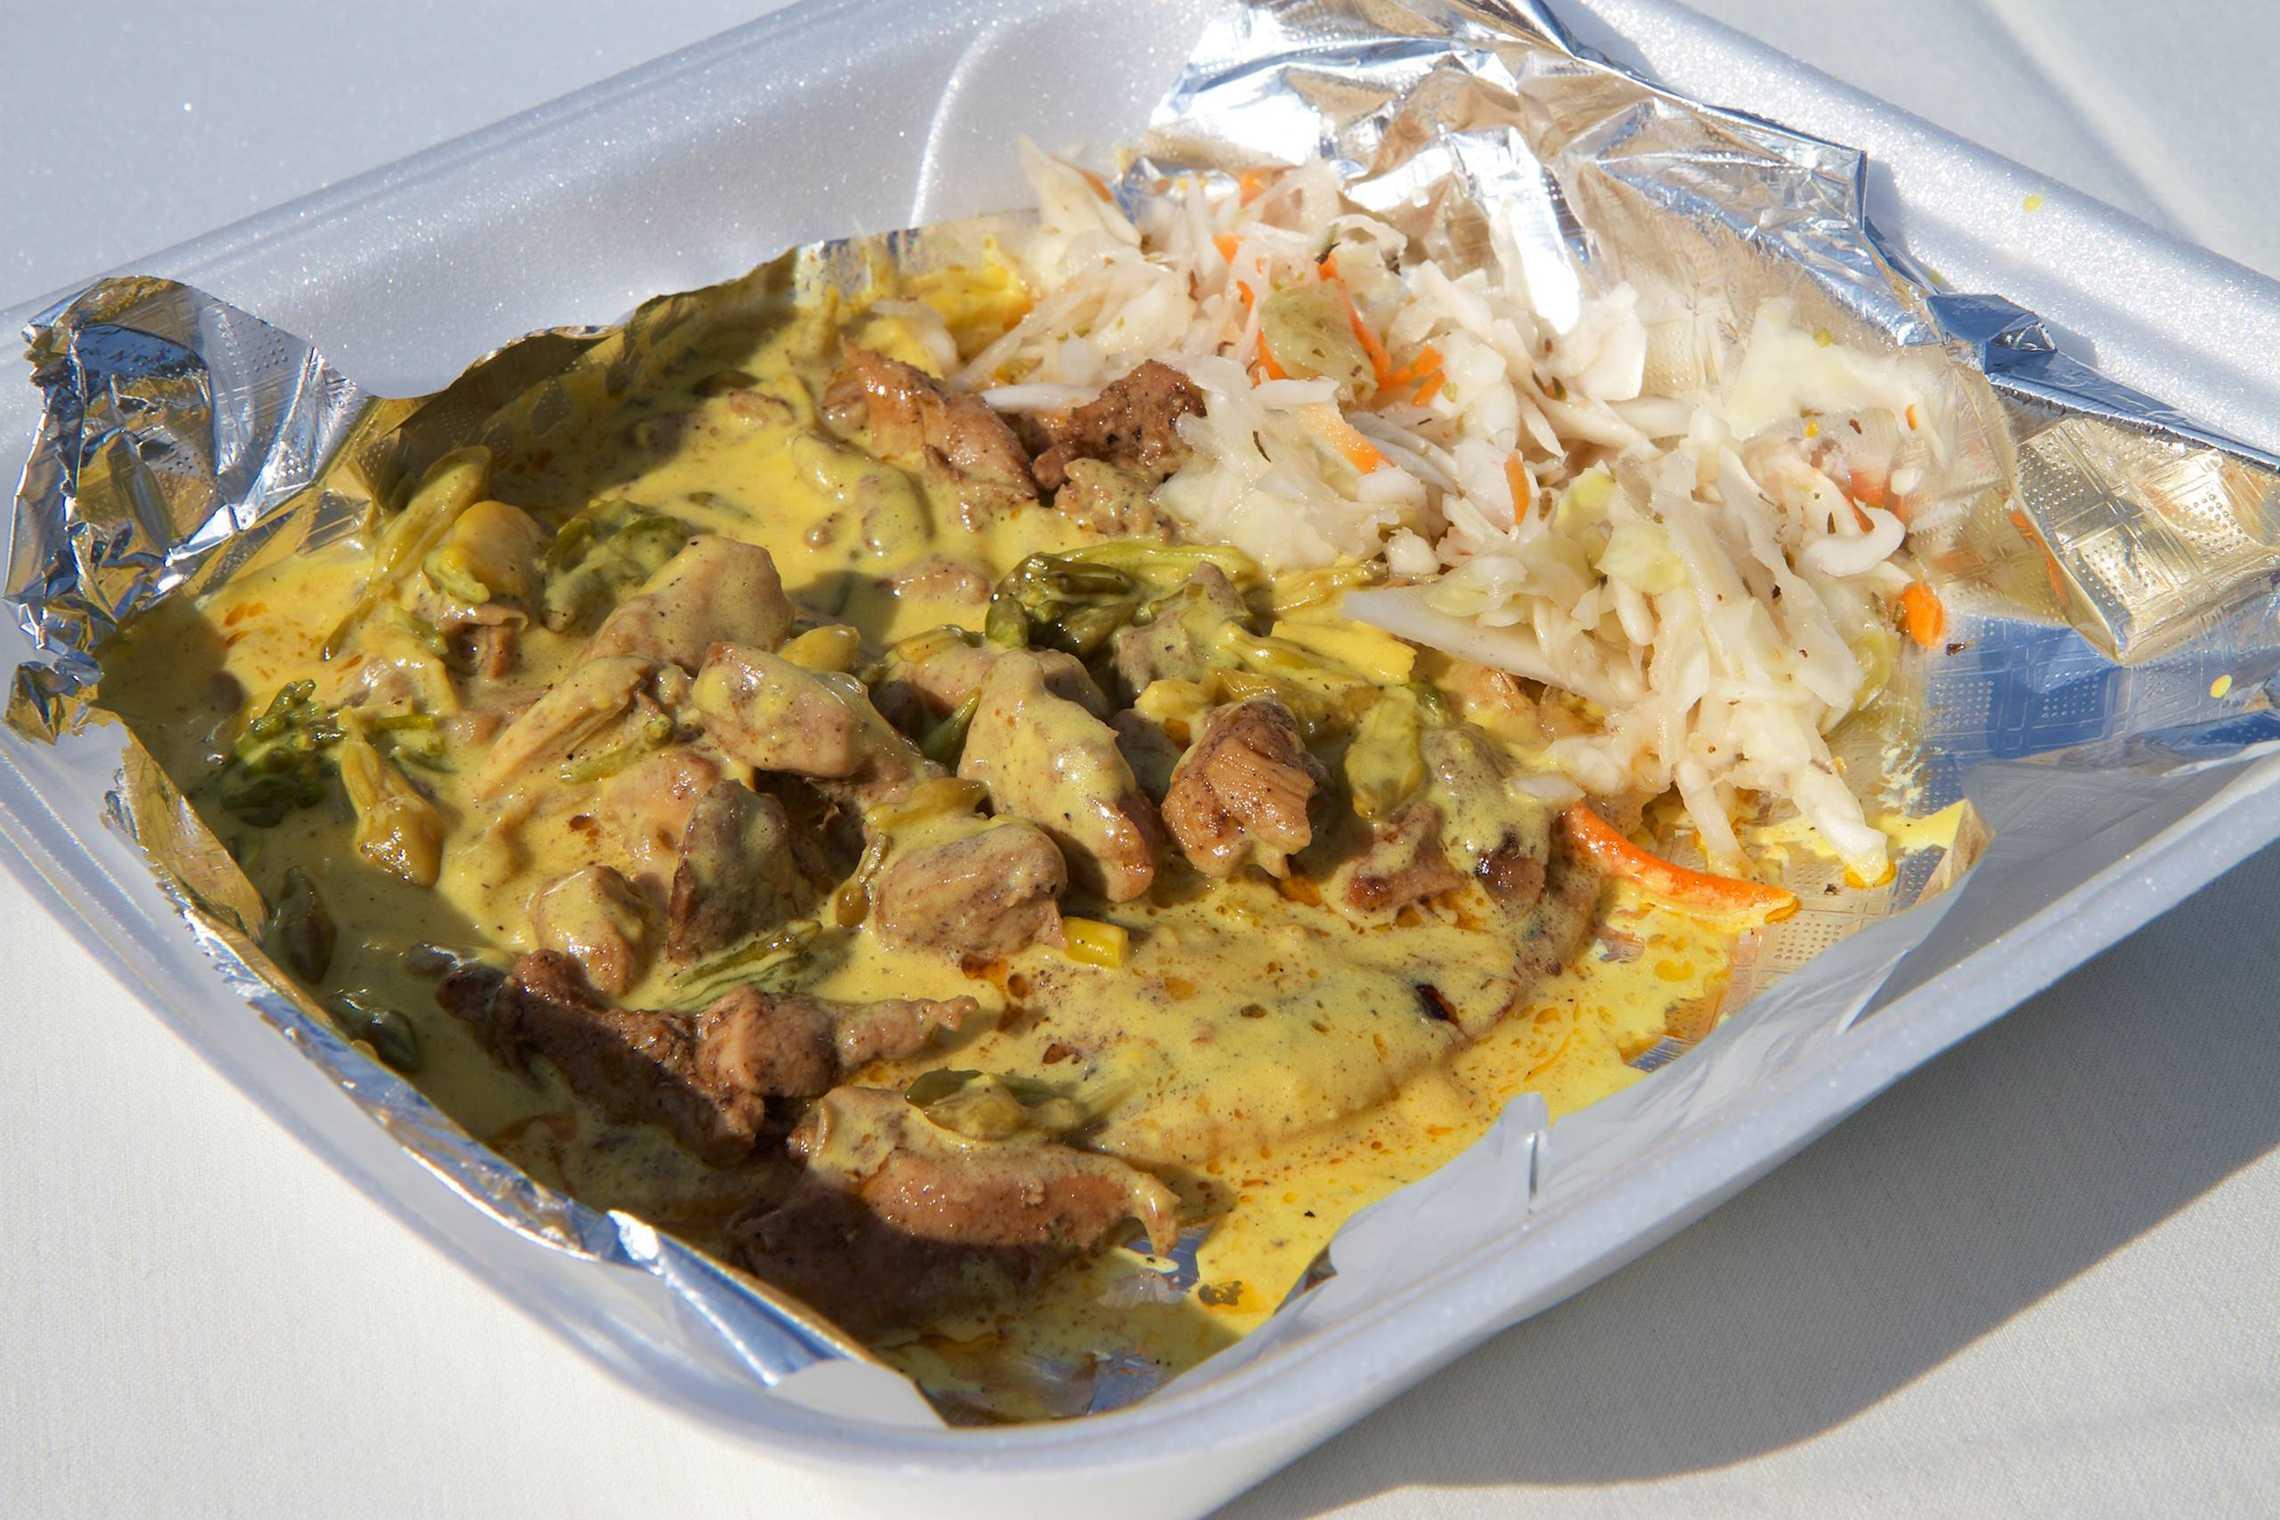 Mayan Grill dish